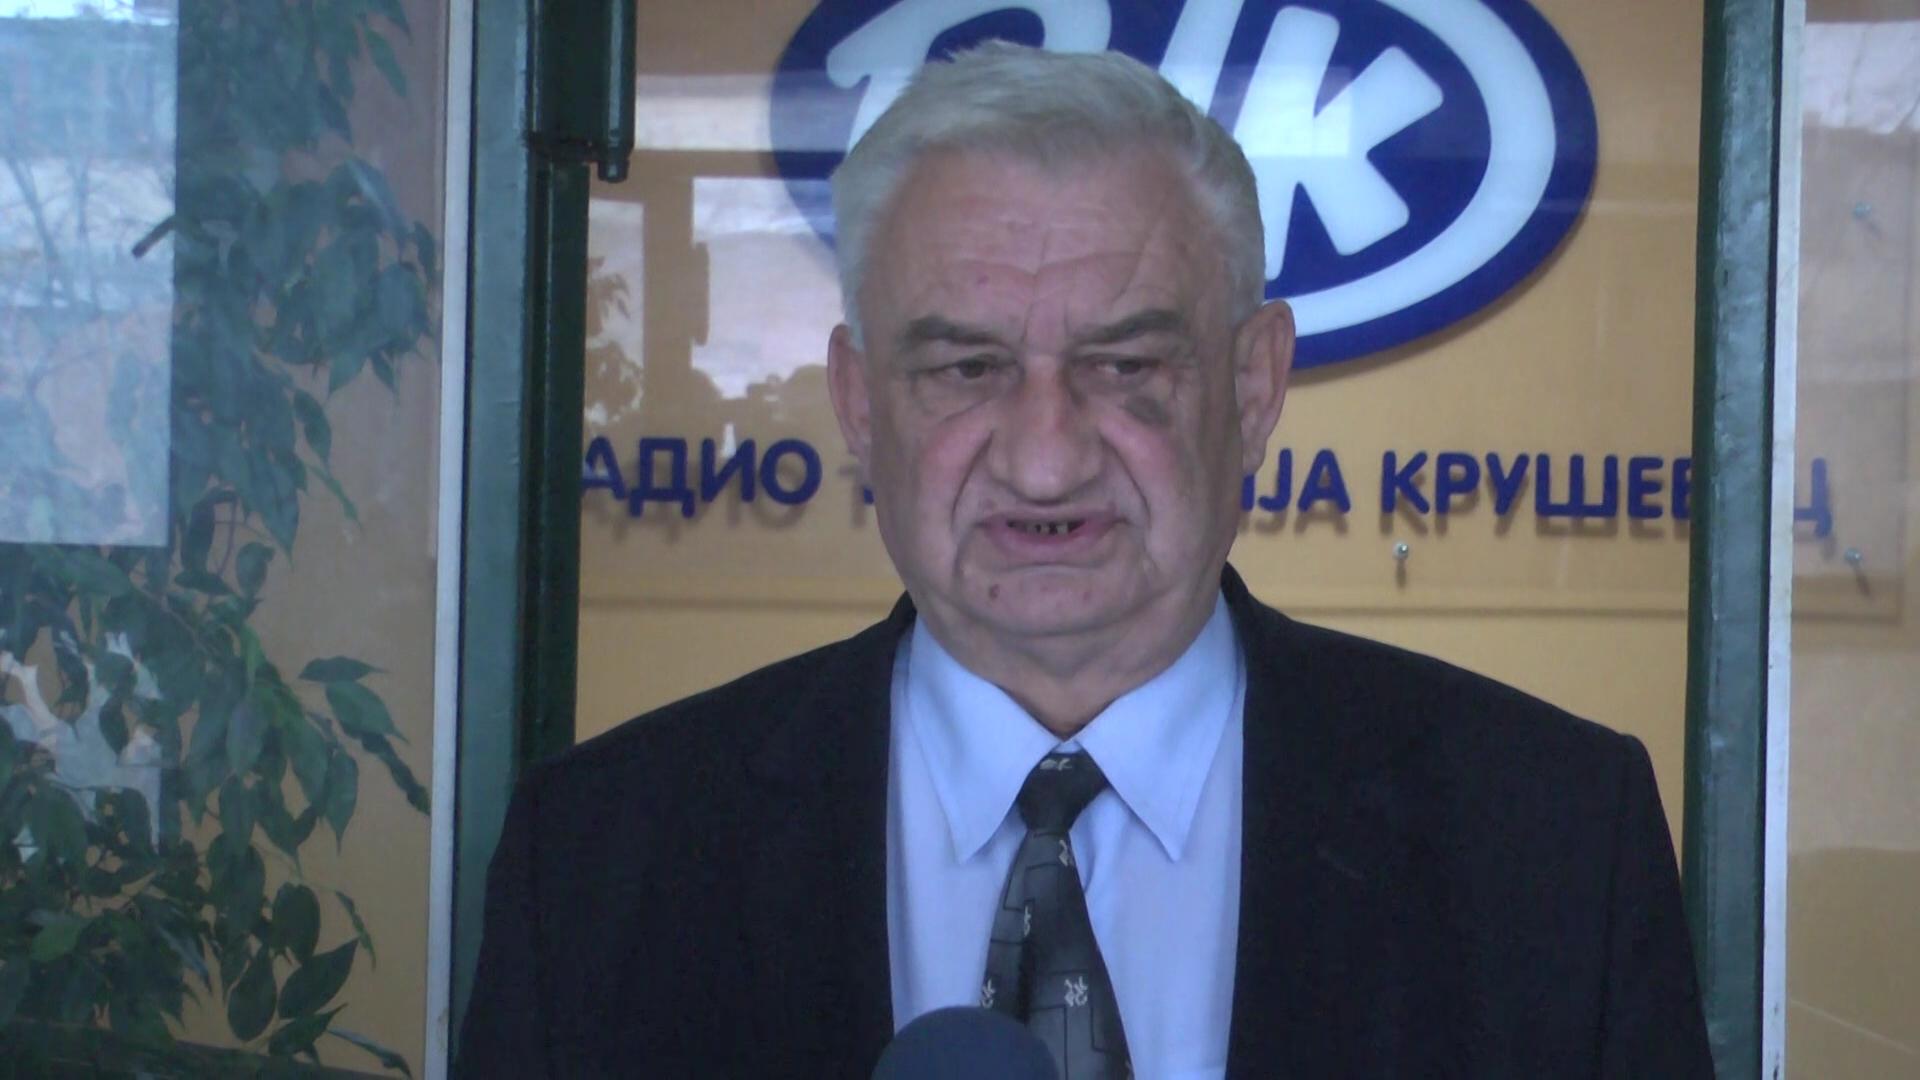 Predsednik Opštine Varvarin Vojkan Panić: Ovogodišnji budžet oko 600 miliona dinara